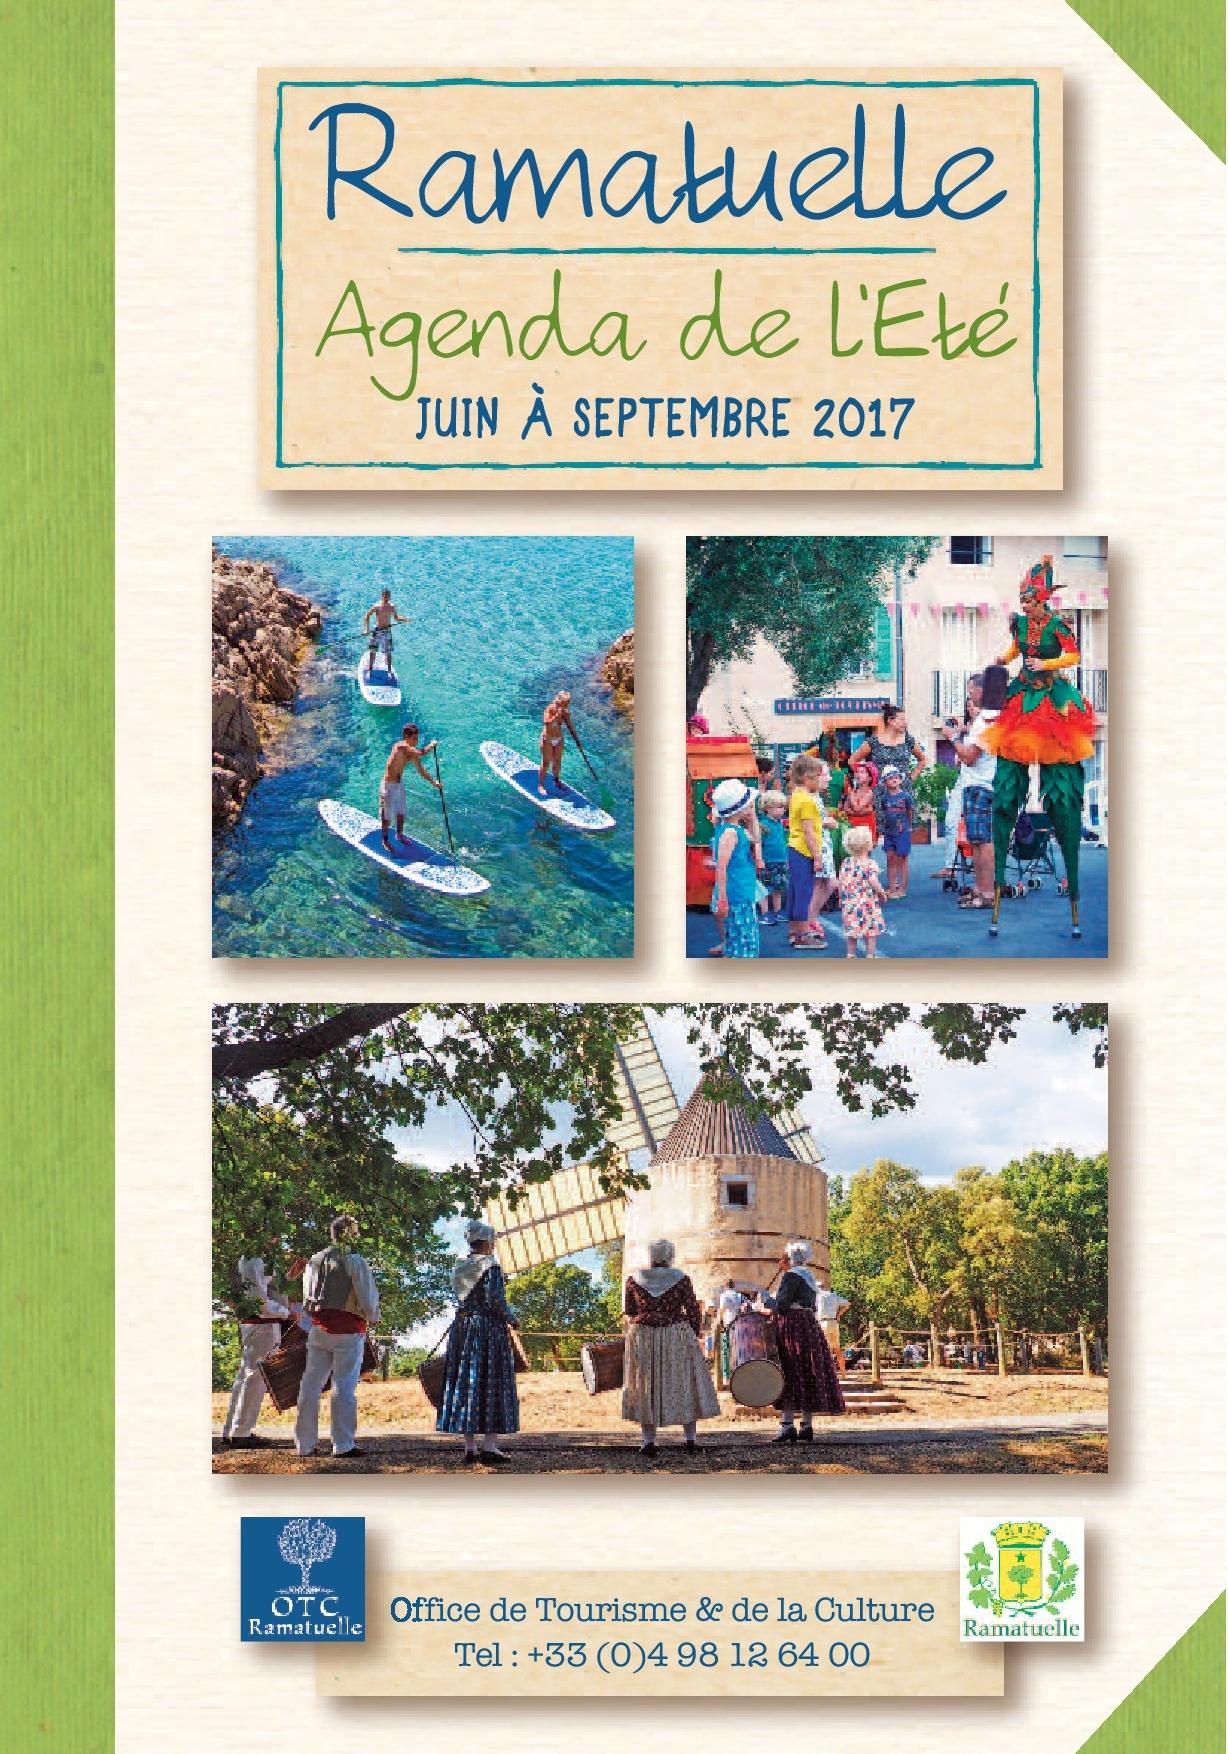 Guides touristiques office de tourisme et de la culture ramatuelle - Office tourisme ramatuelle ...